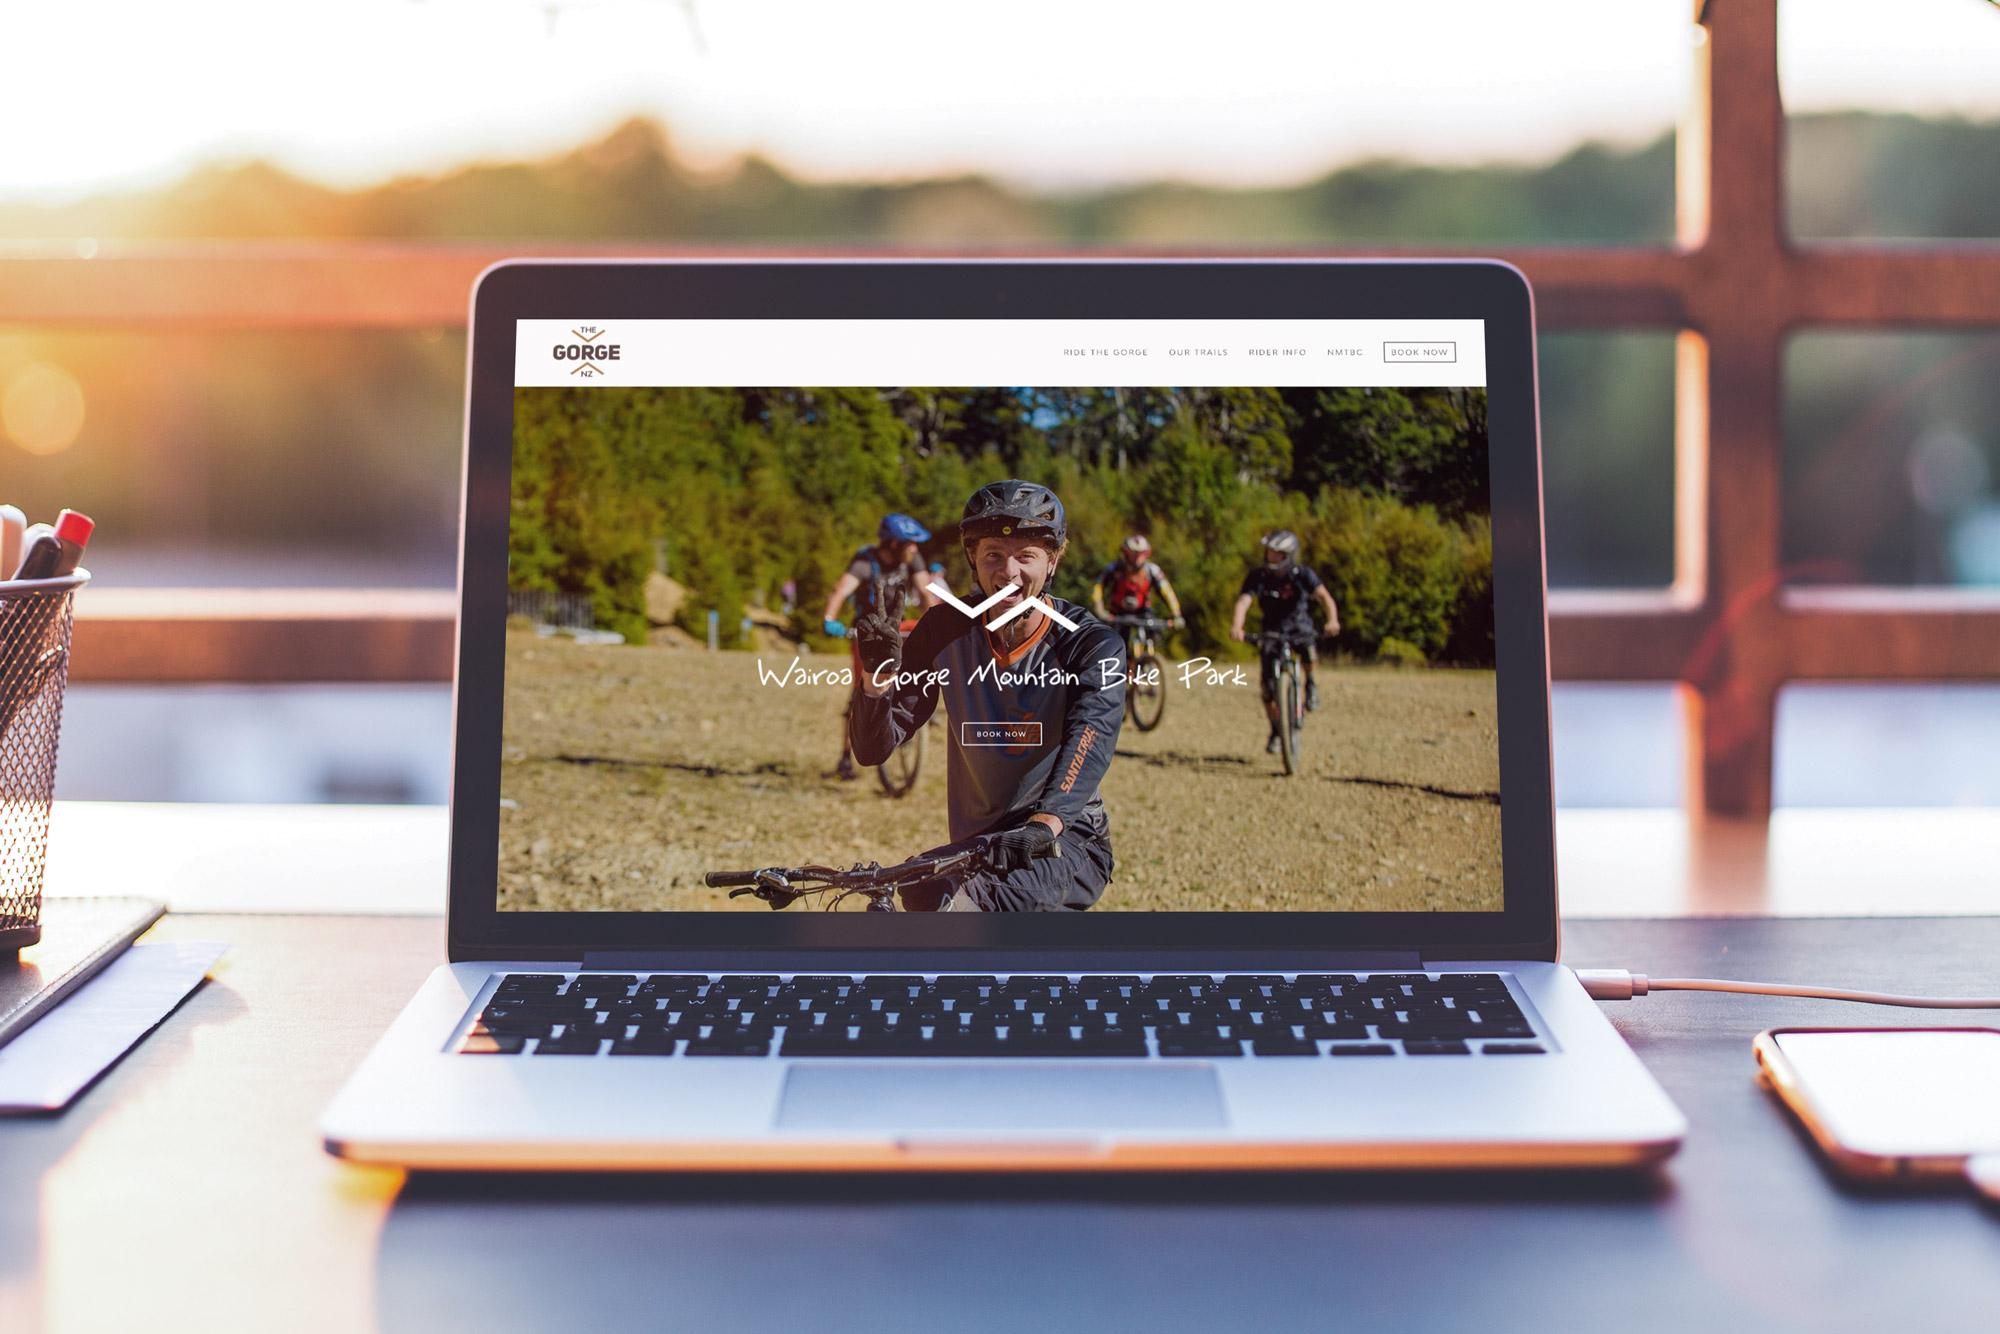 The-Gorge-Macbook-Mockup-0.jpg